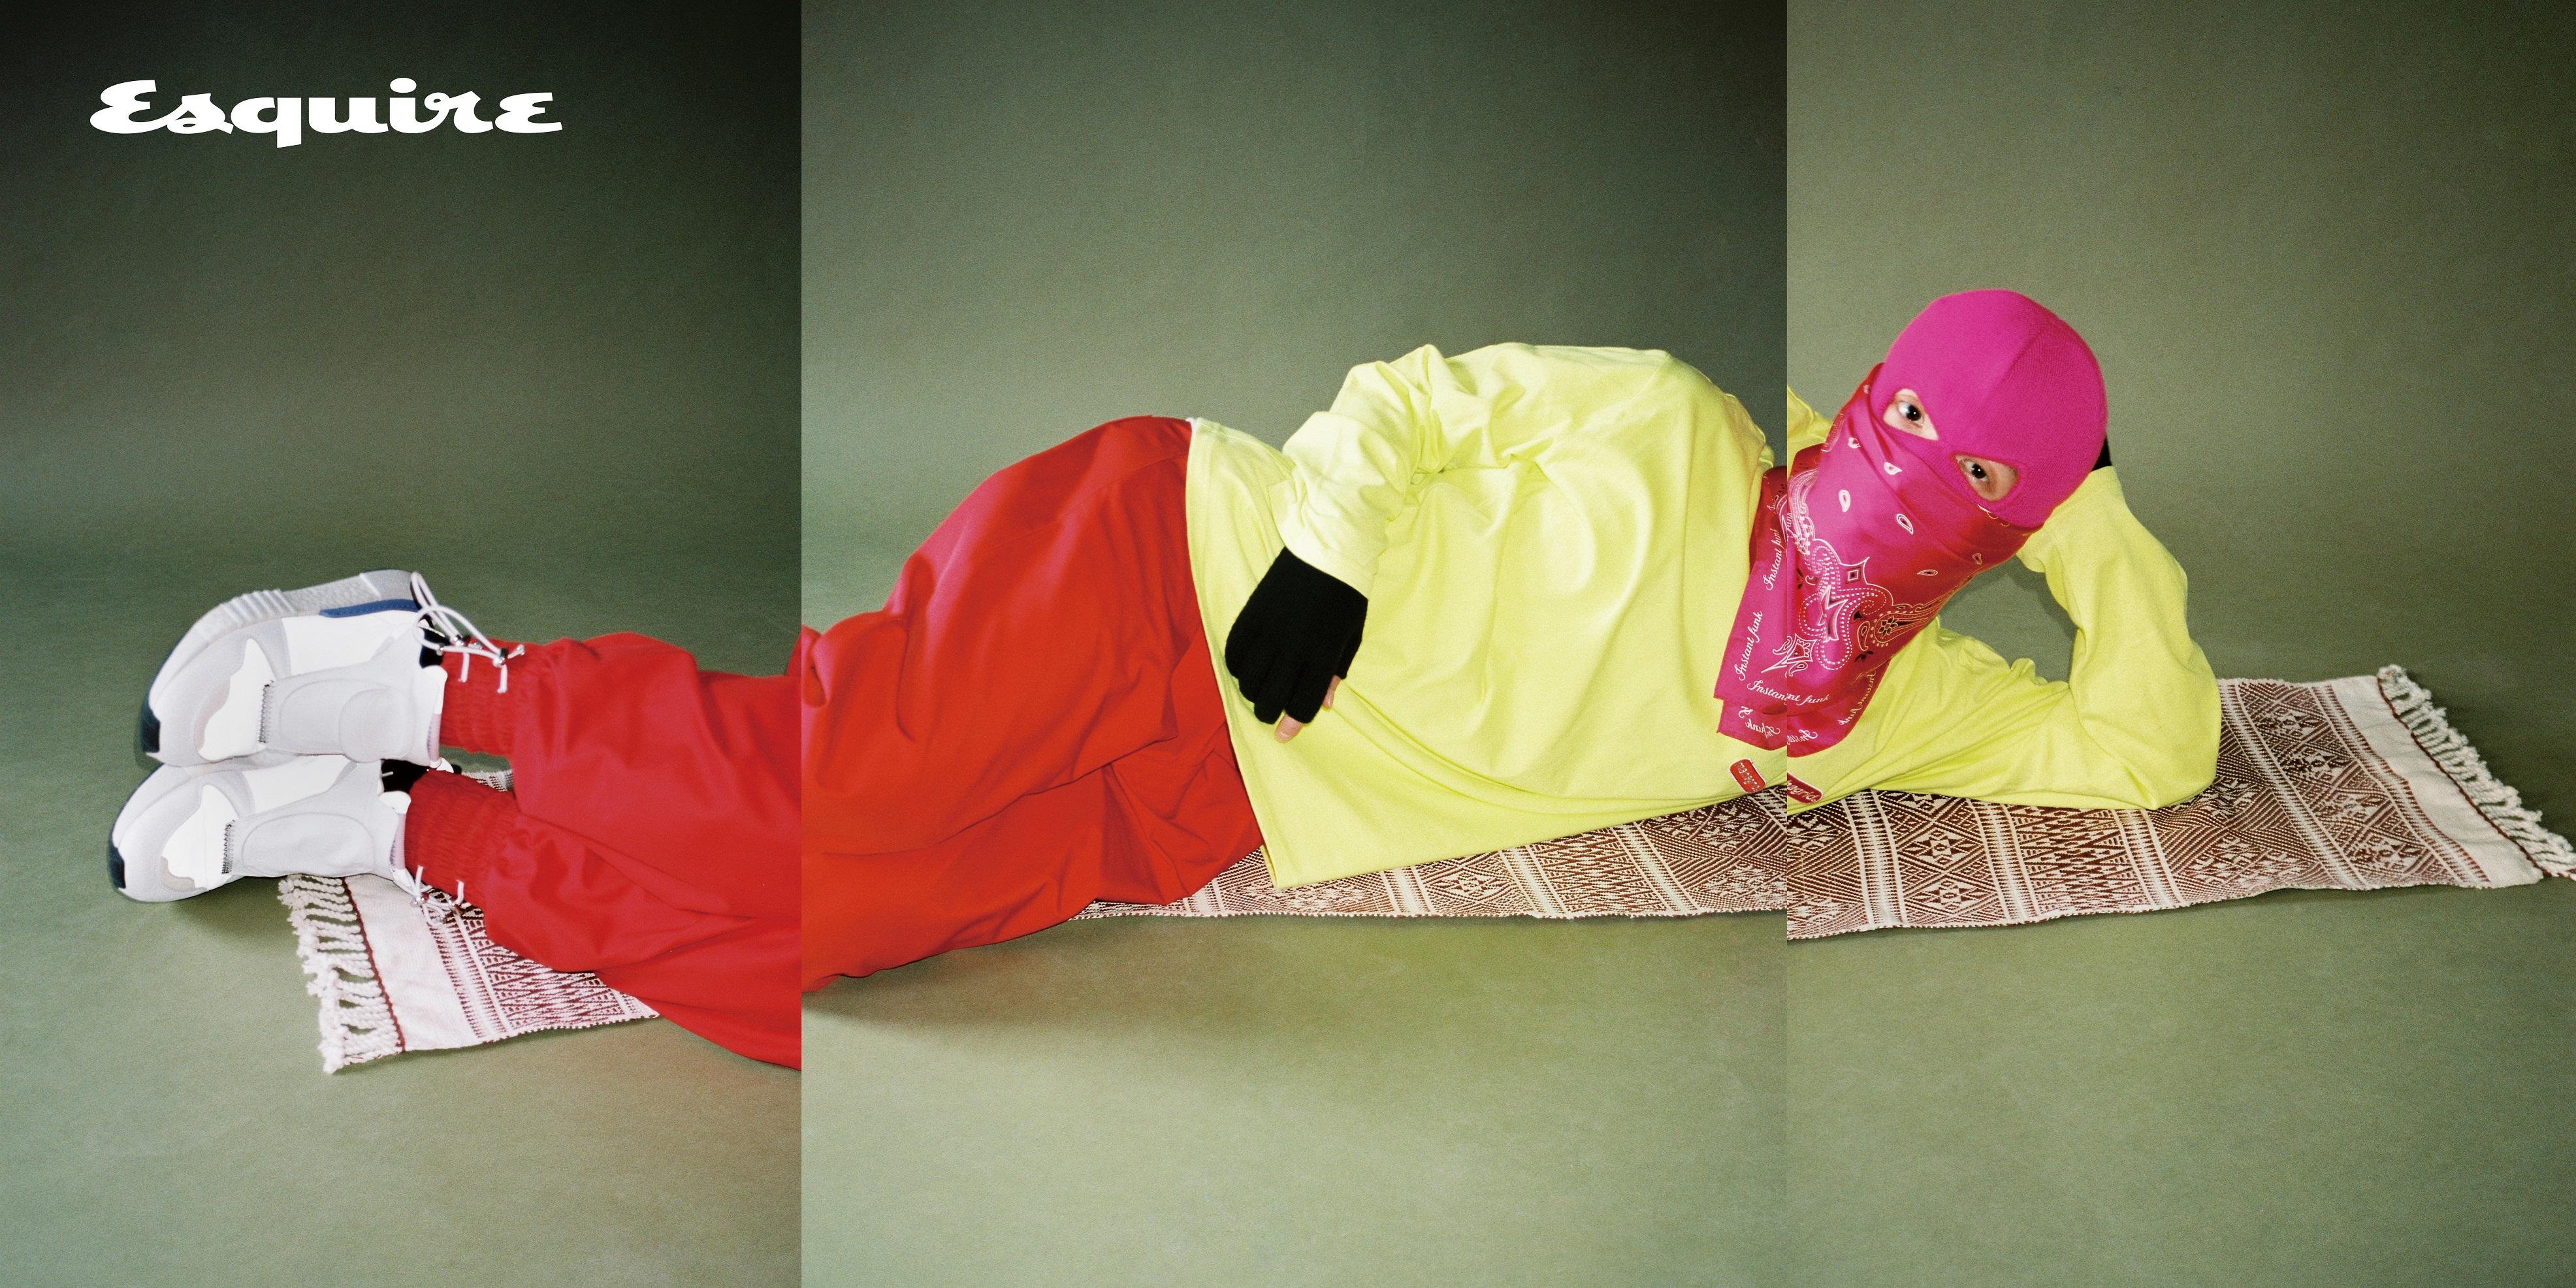 티셔츠 마하그리드. 바지 문수권. 스니커즈 아디다스 오리지널스. 반다나 인스턴트 펑크. 장갑 유즈드 퓨처. 양말 오프화이트. 분홍색 비니는 마미손 소장품.